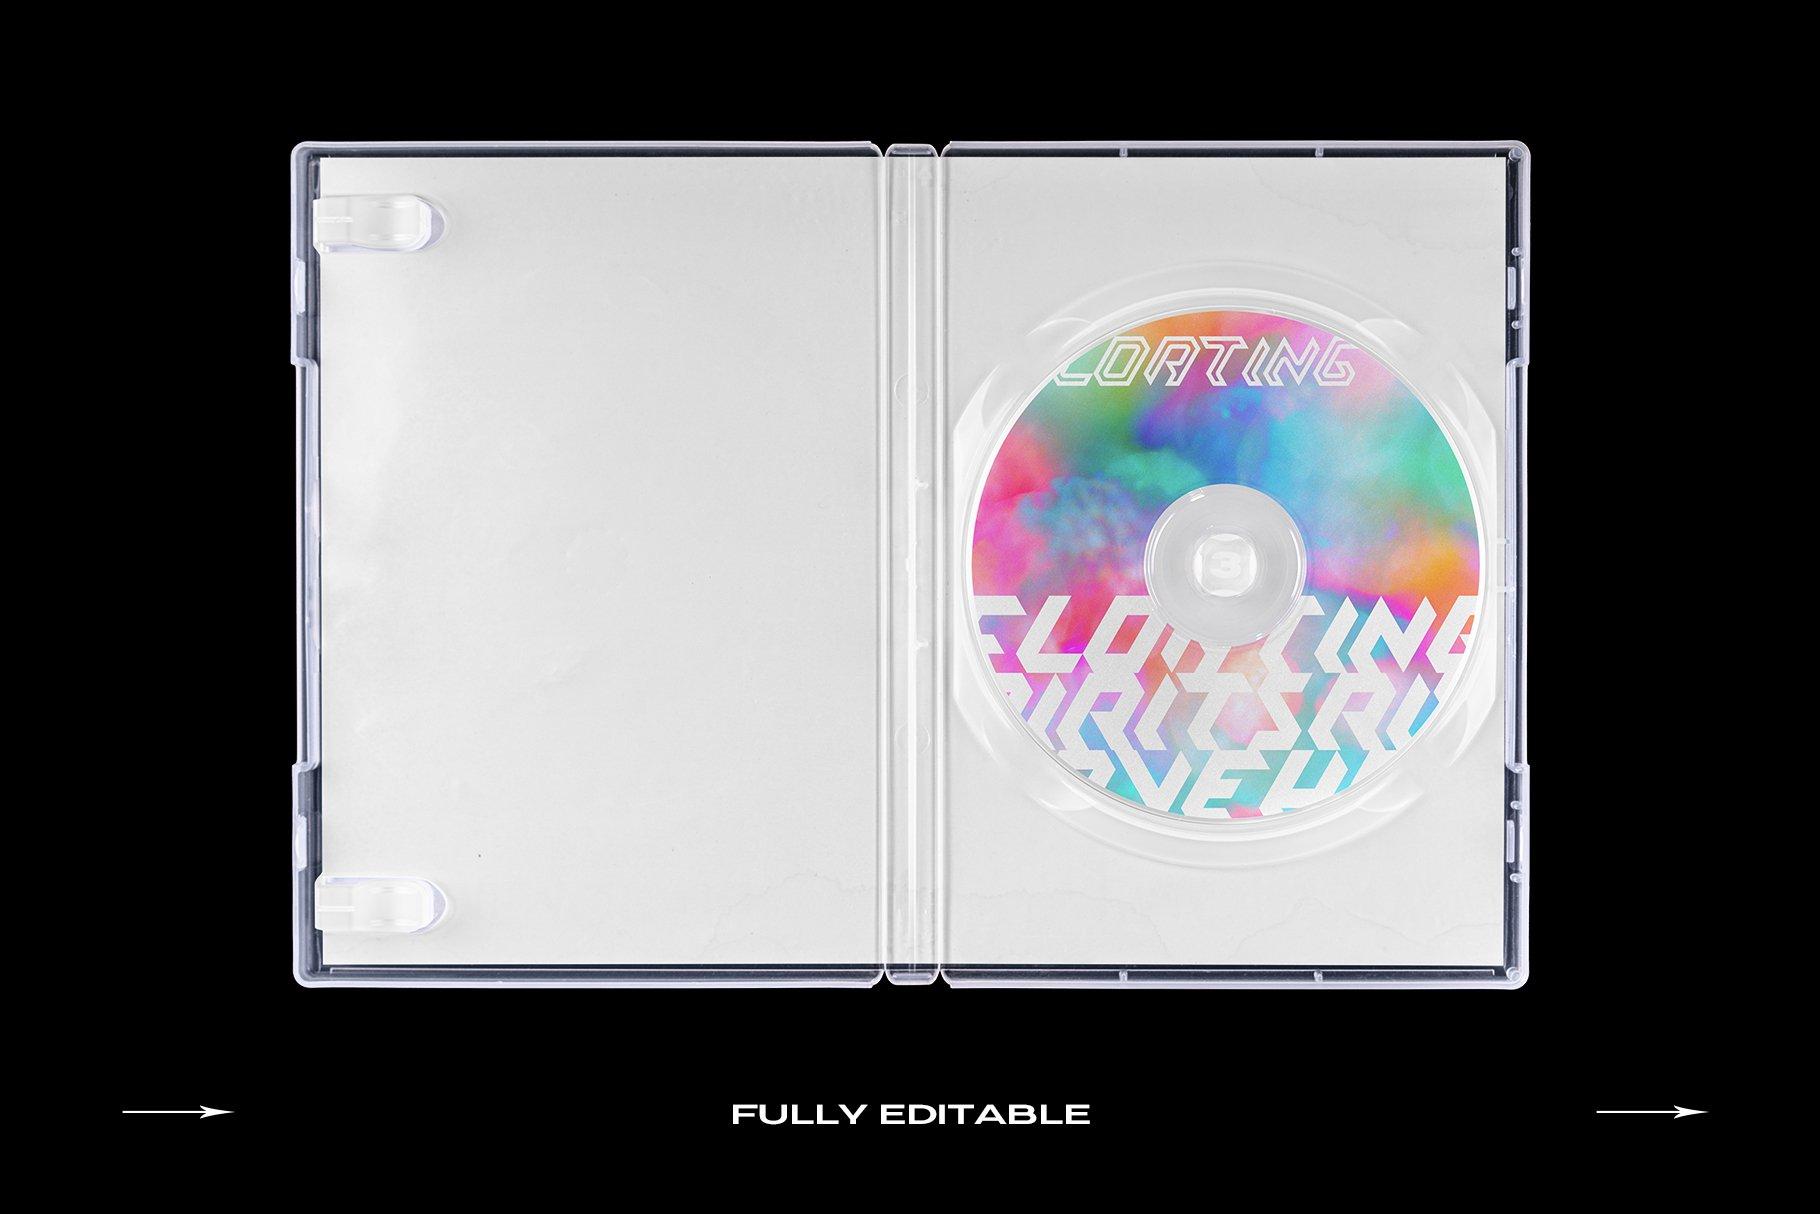 [淘宝购买] 60个DVD光盘包装盒塑料袋塑料膜贴纸样机PS设计素材 DVD Case Mockup Template Bundle Disc插图(6)